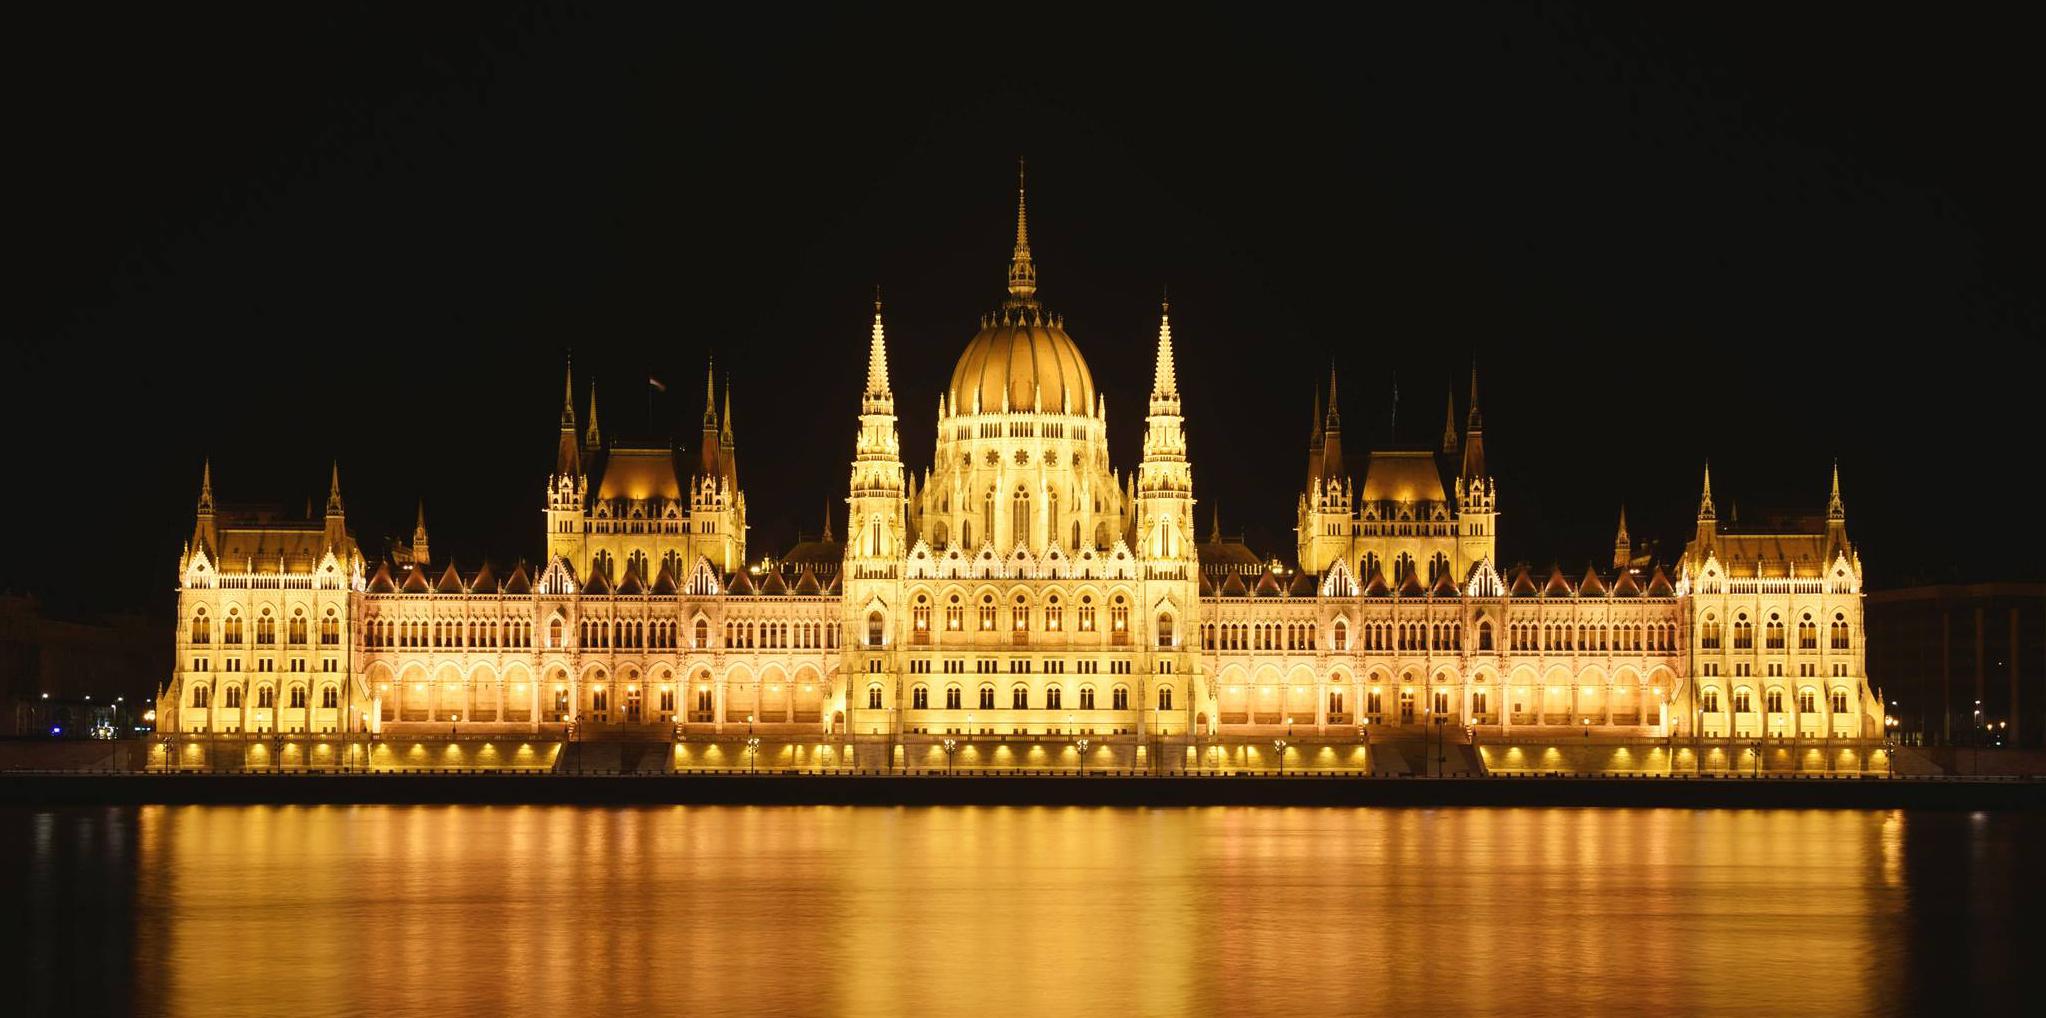 Kết quả hình ảnh cho cung điện hoàng gia budapest